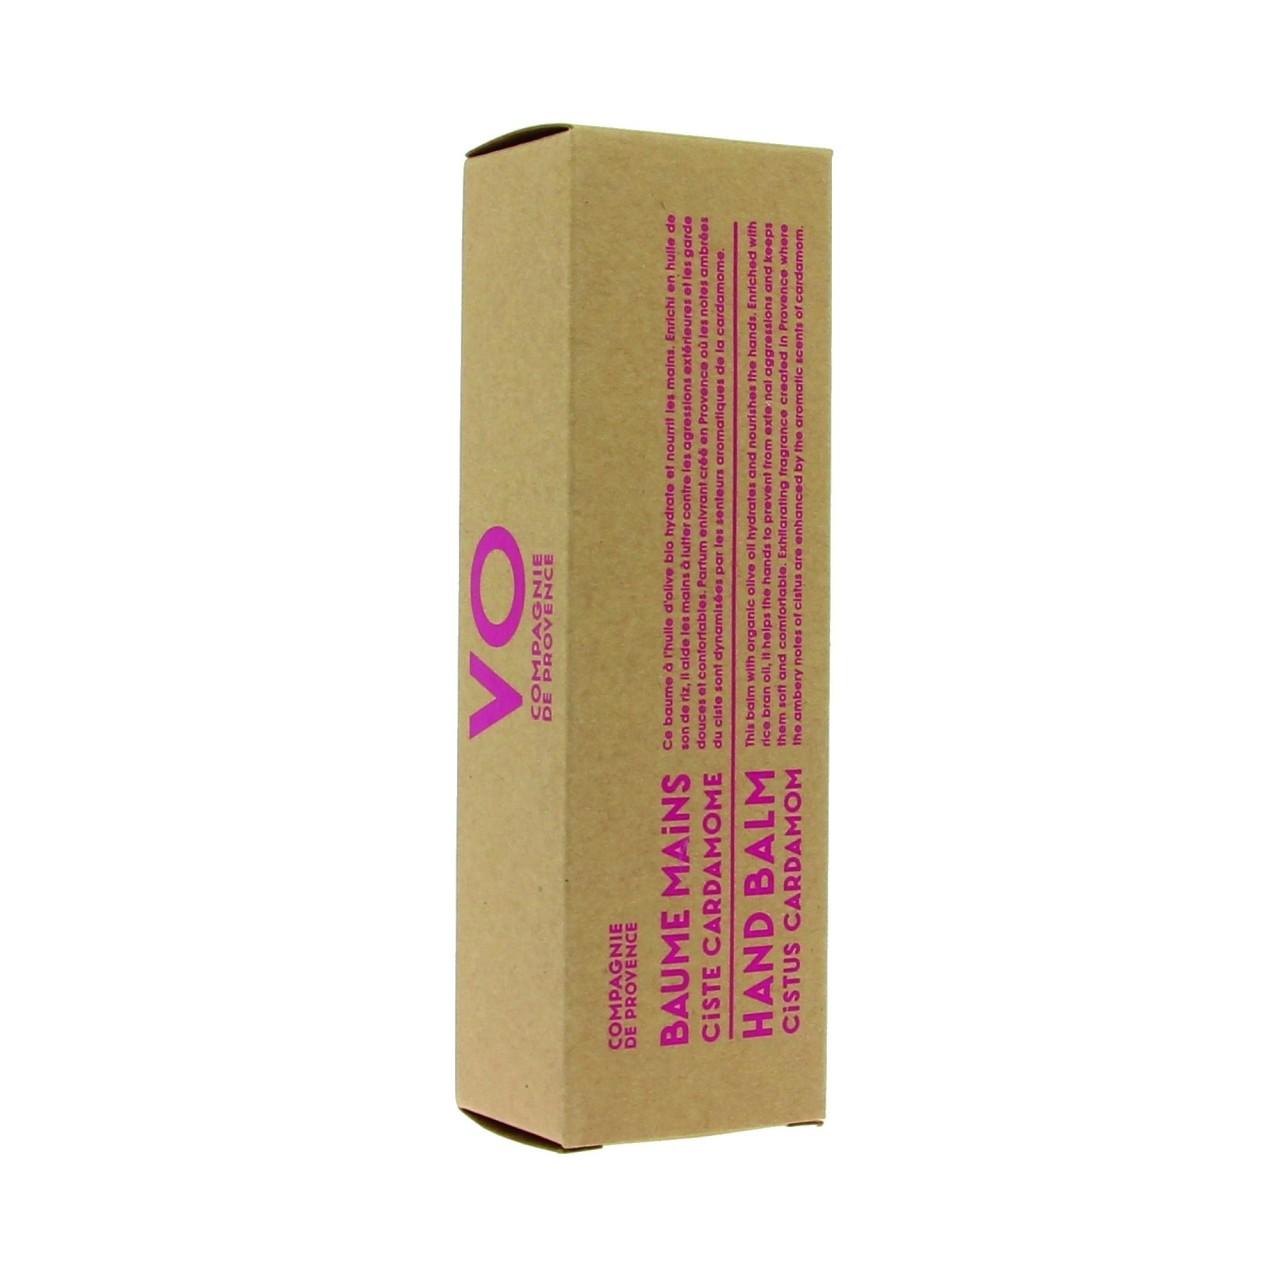 Balsamo Mani al Cistus Cardamomo 75 ml Compagnie de Provence Italia CPPF0102BM075CC-01